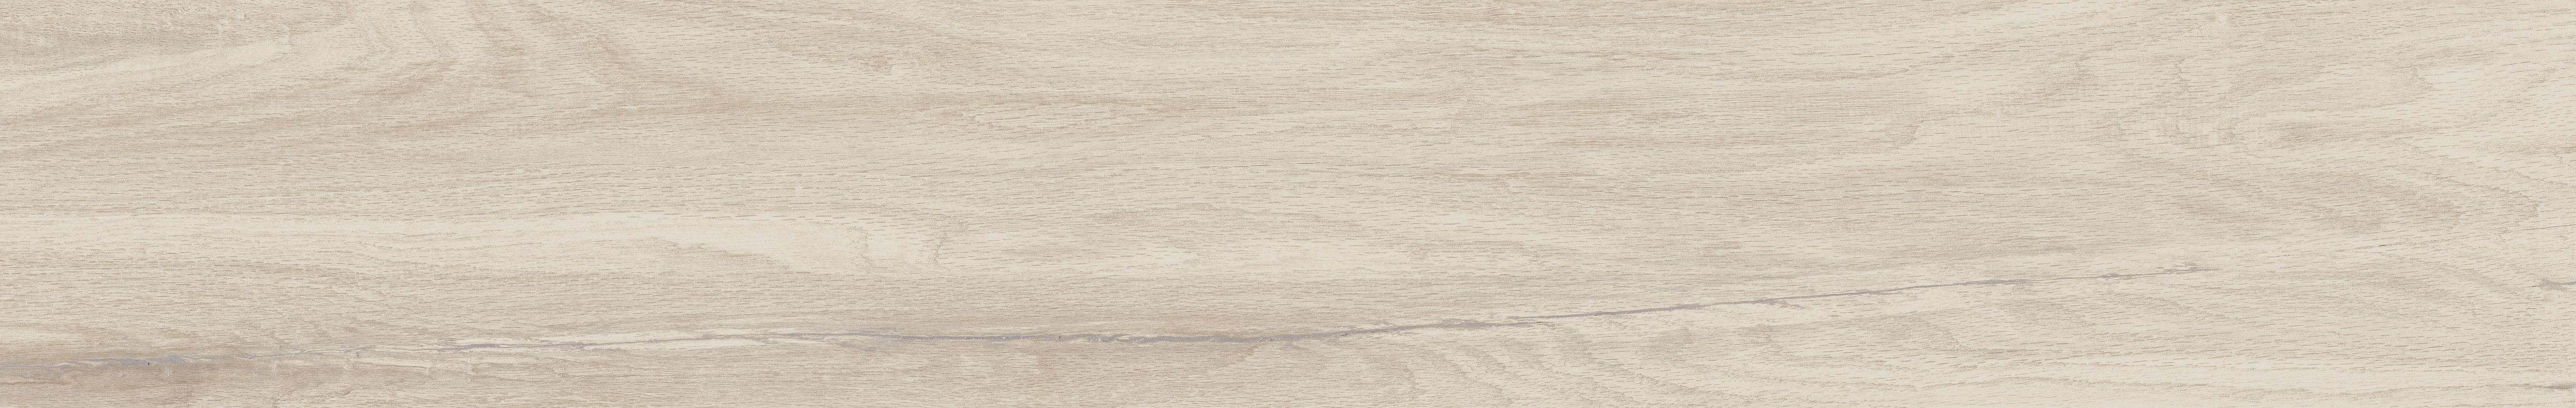 Плитка Allwood Bianco (zzxwu1r) изображение 13